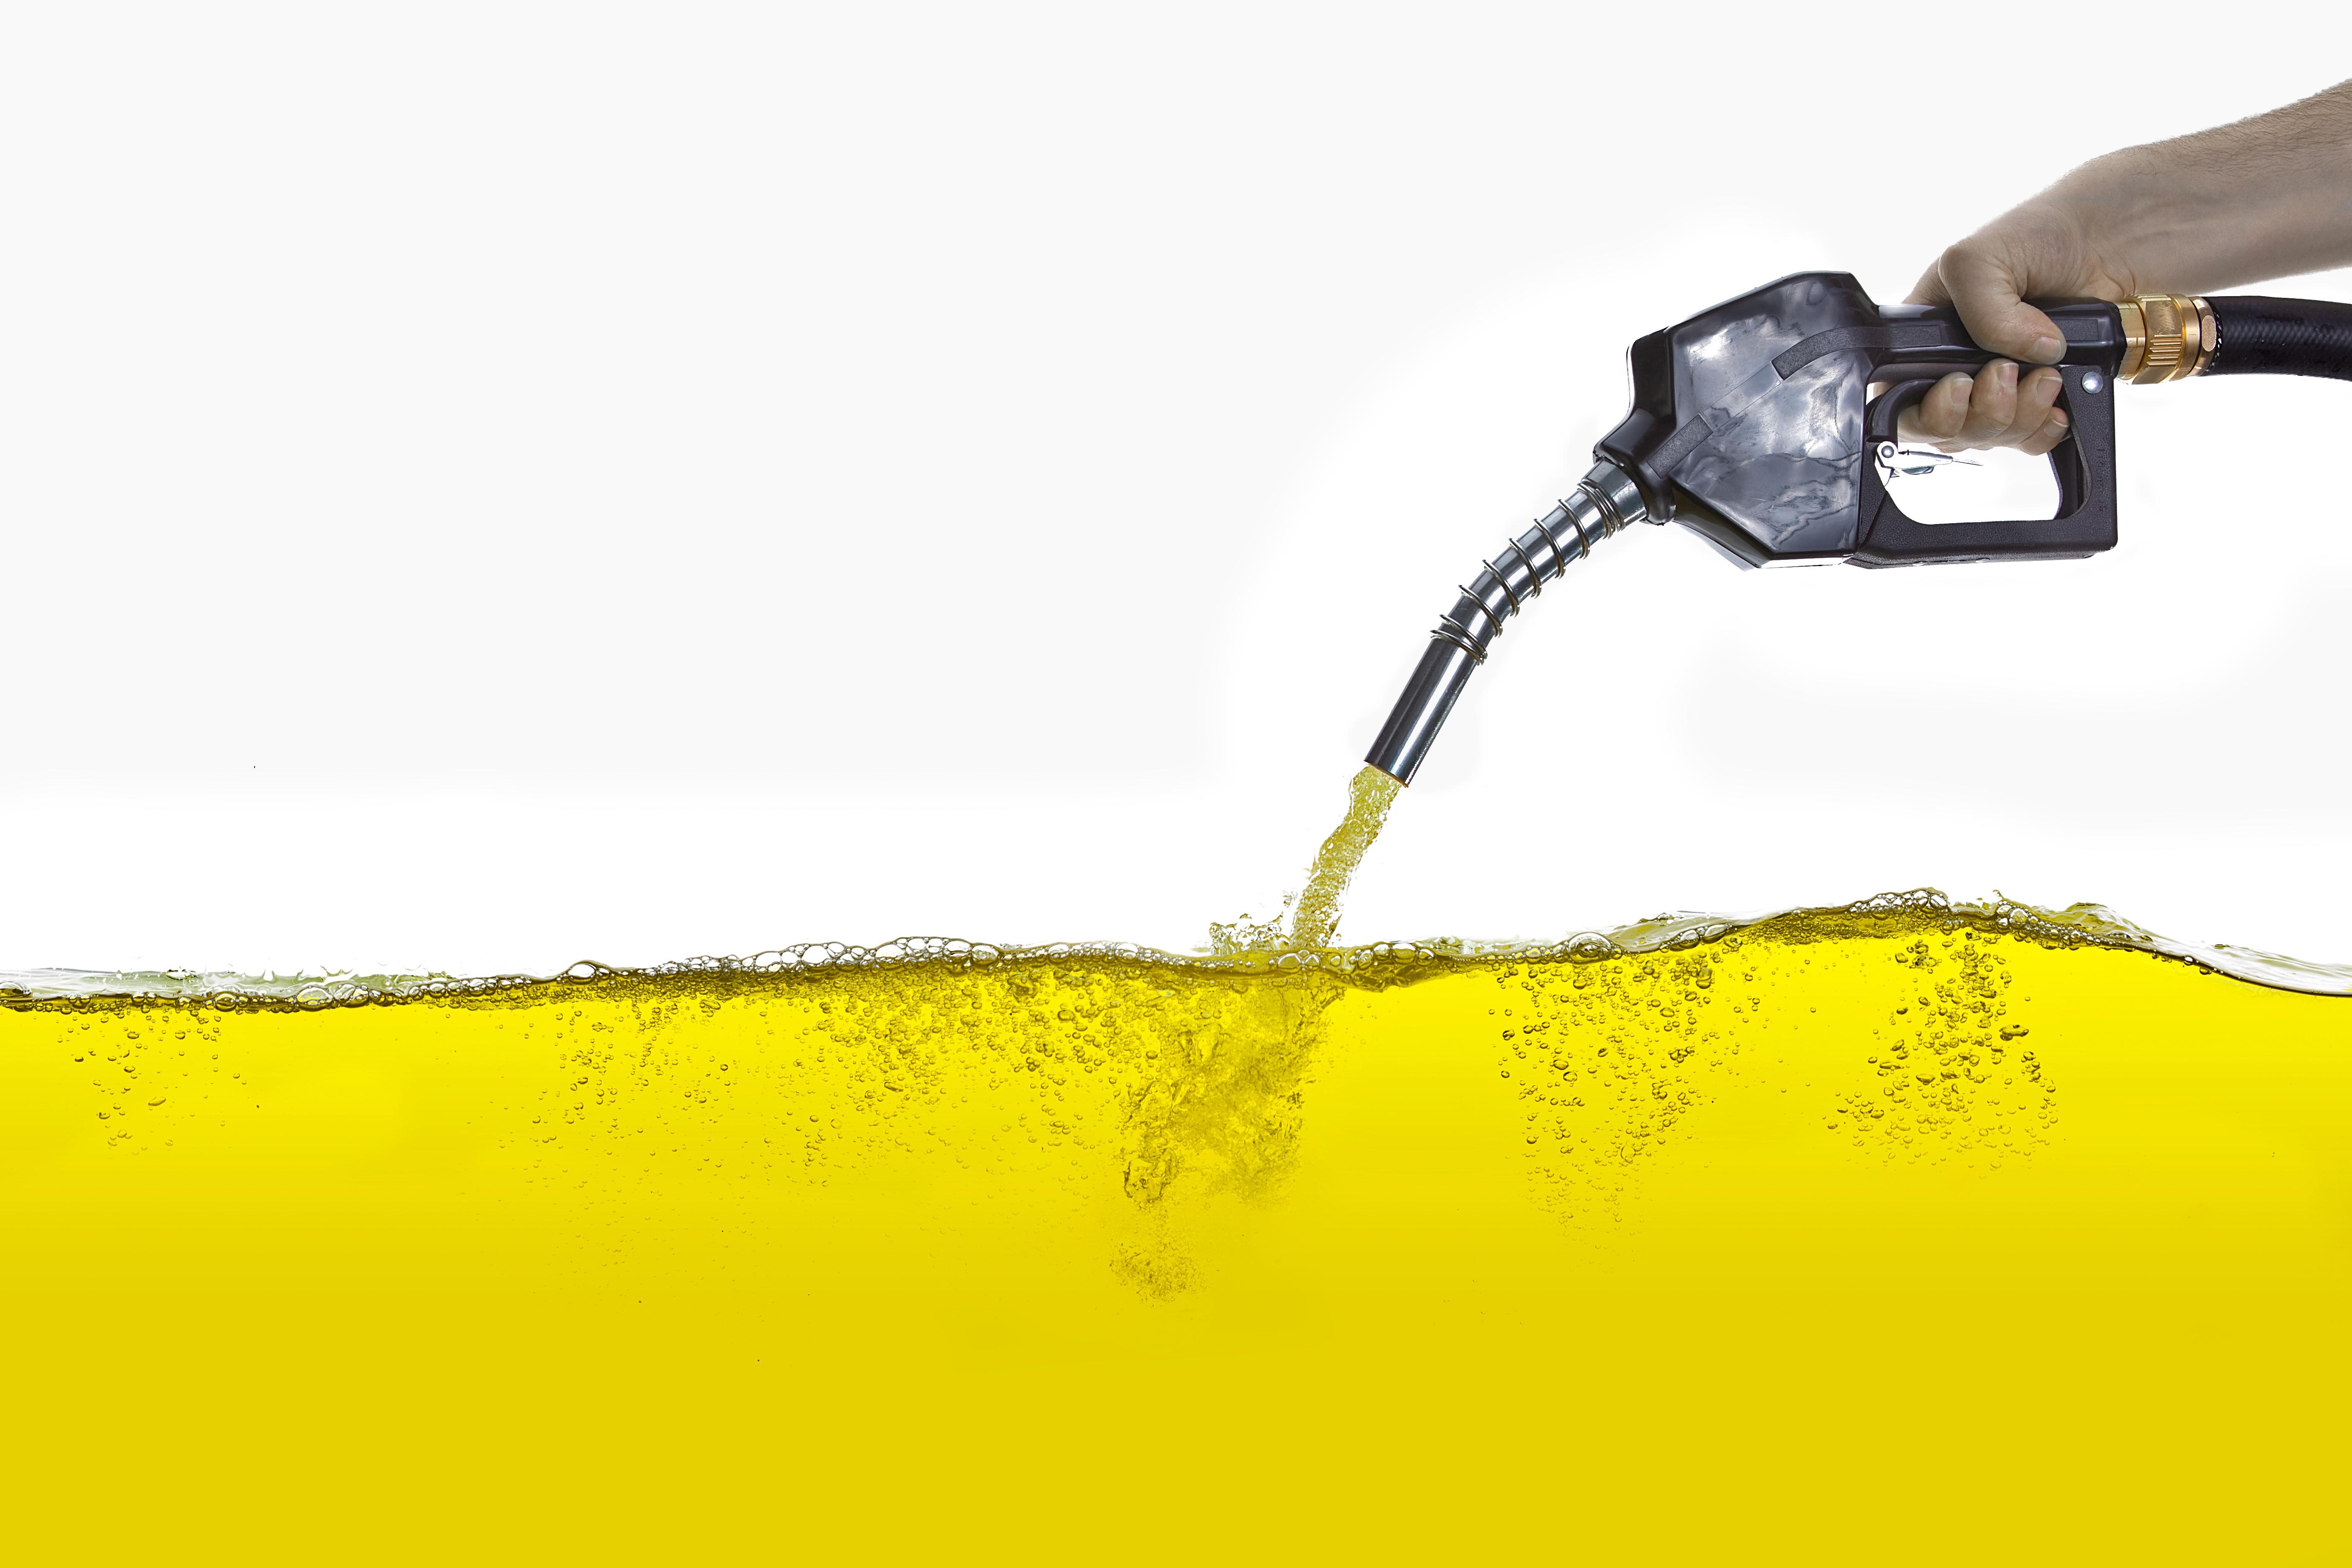 Consumo de combustíveis no Brasil cresceu 5% em 2013, segundo a ANP